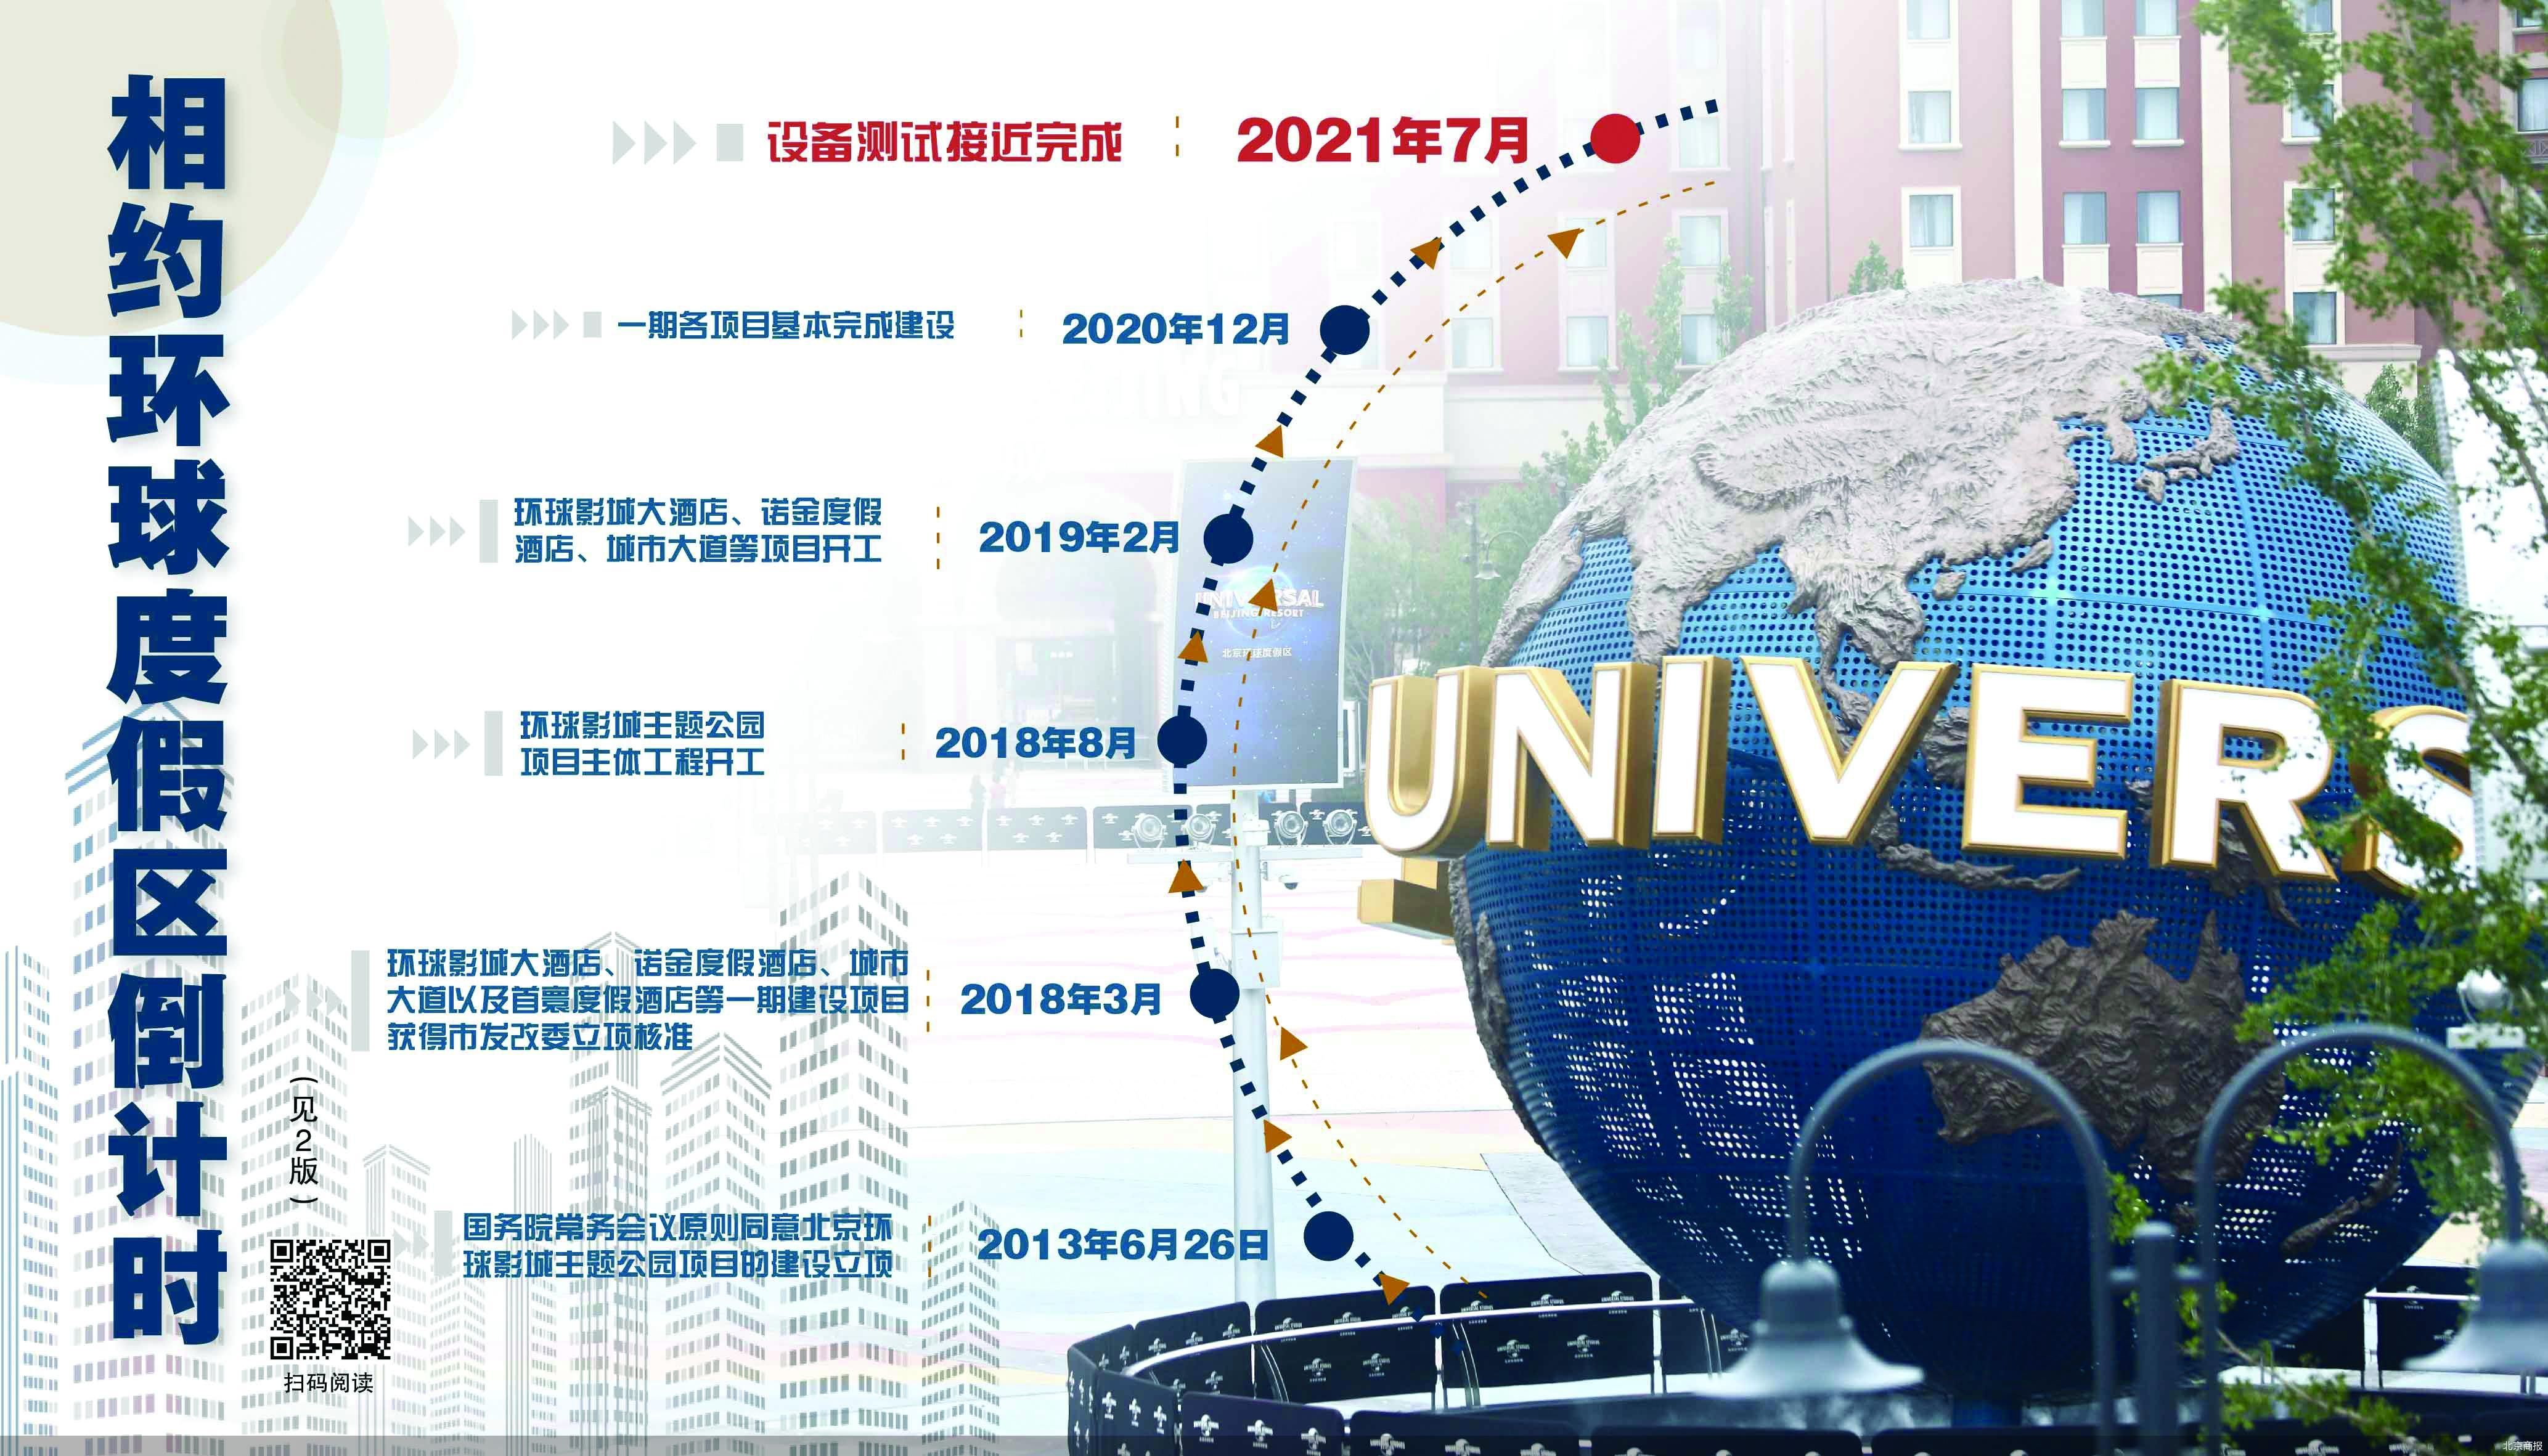 北京环球度假区试运营倒计时